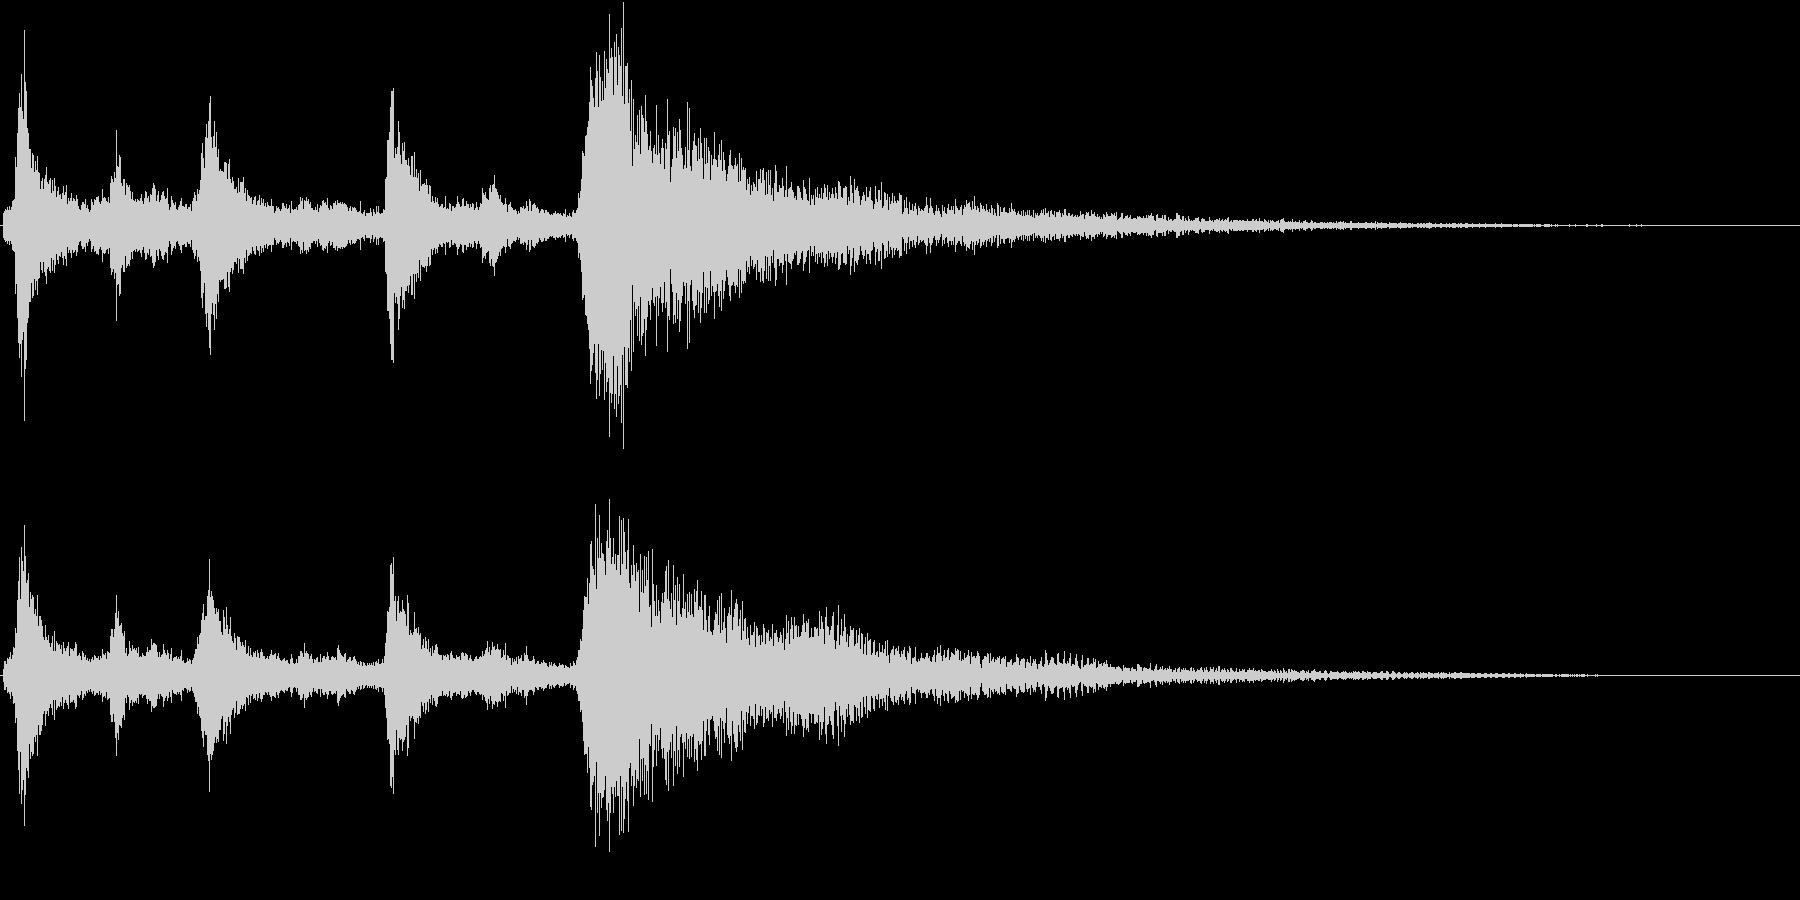 クリスマスのベル、鈴の効果音 ロゴ 10の未再生の波形